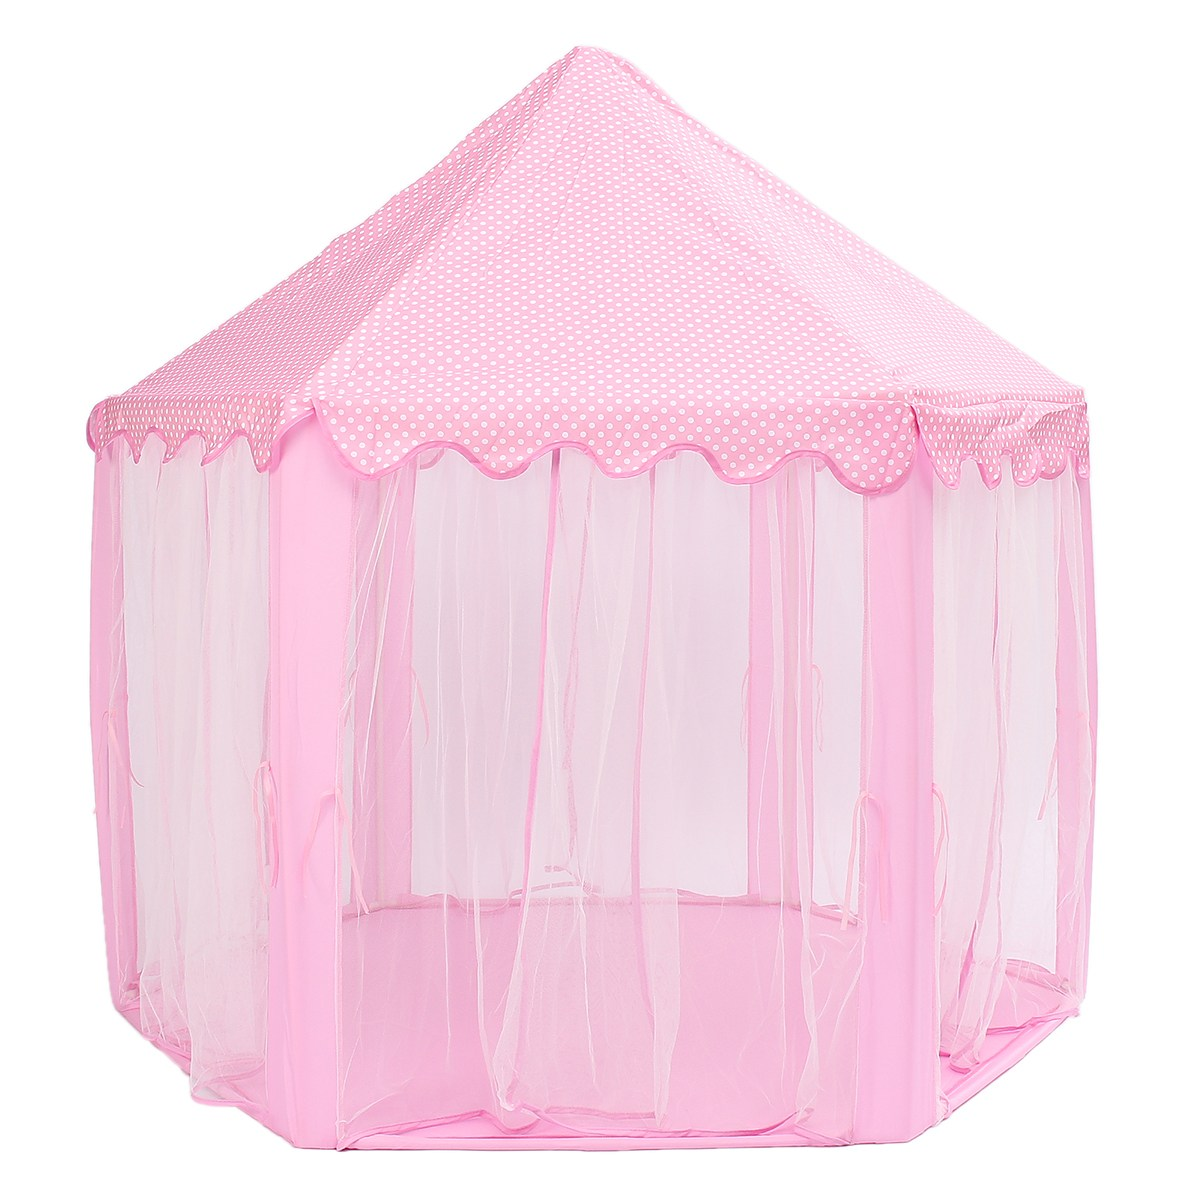 Portable Princesse Château Jouer Tente Activité Fée Maison Fun Playhouse Tente De Plage Bébé jouer Jouet Cadeau Pour Les Enfants - 4